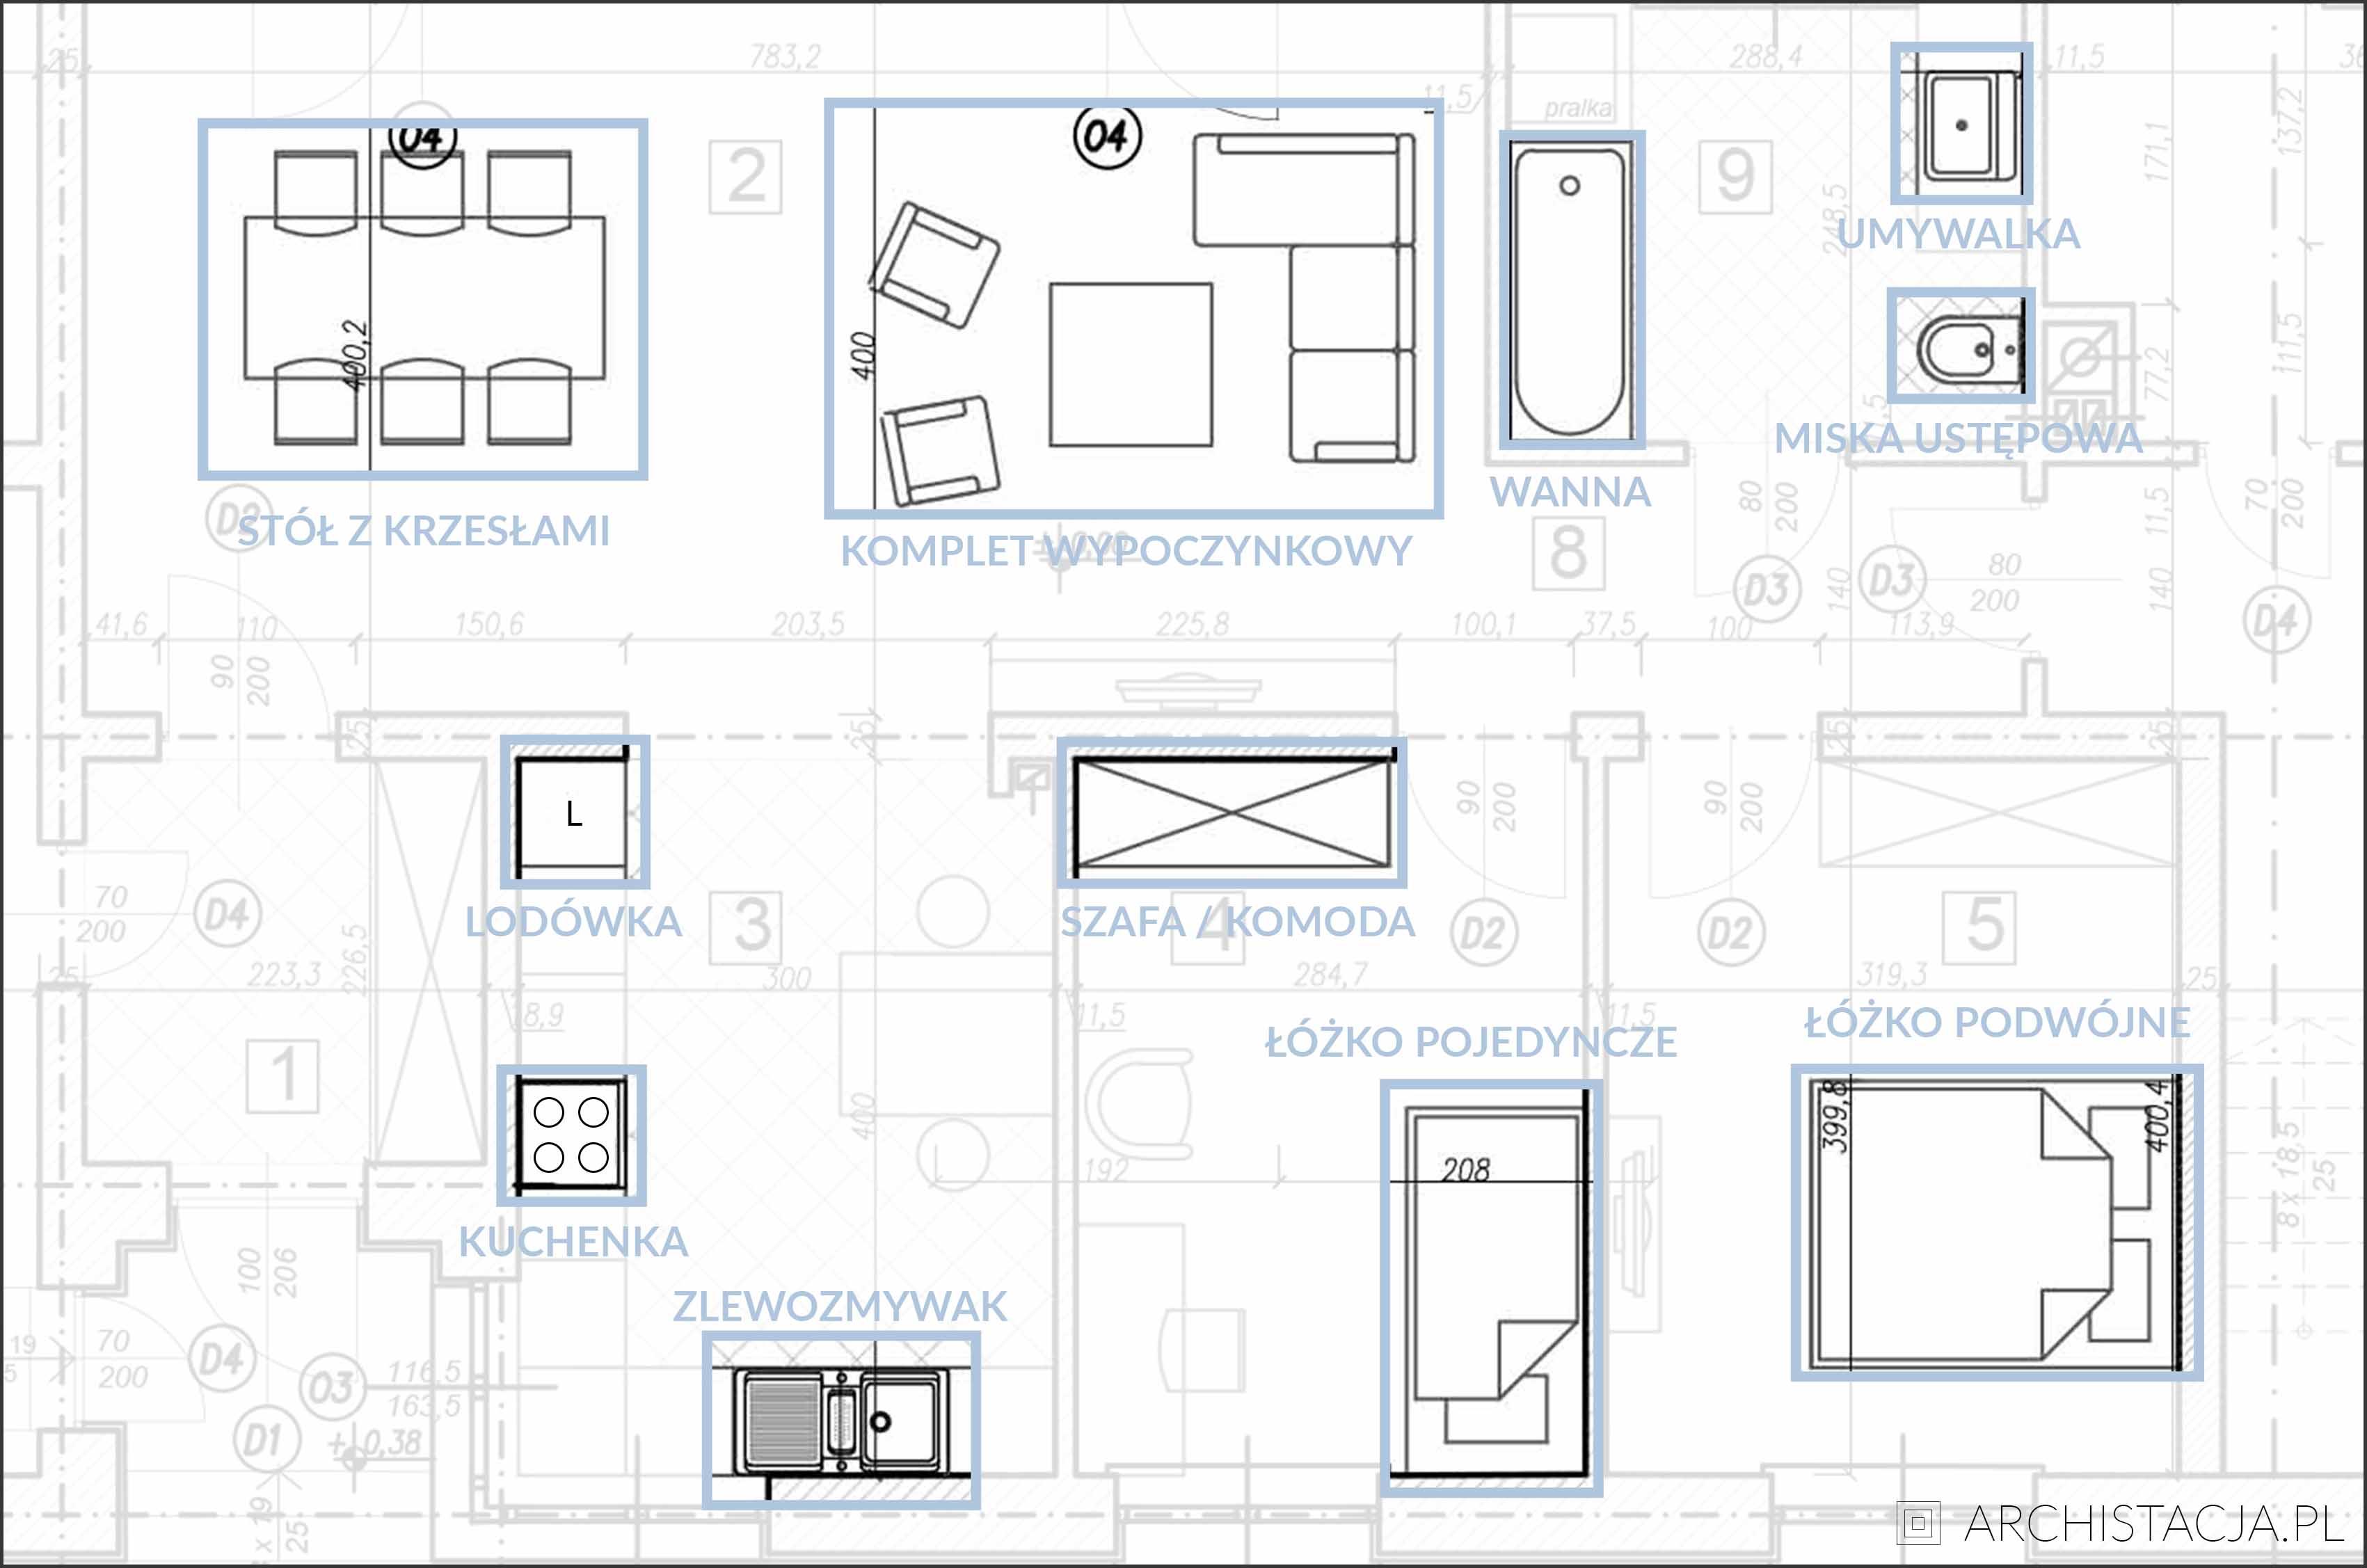 jak czytać rysunki architektoniczne